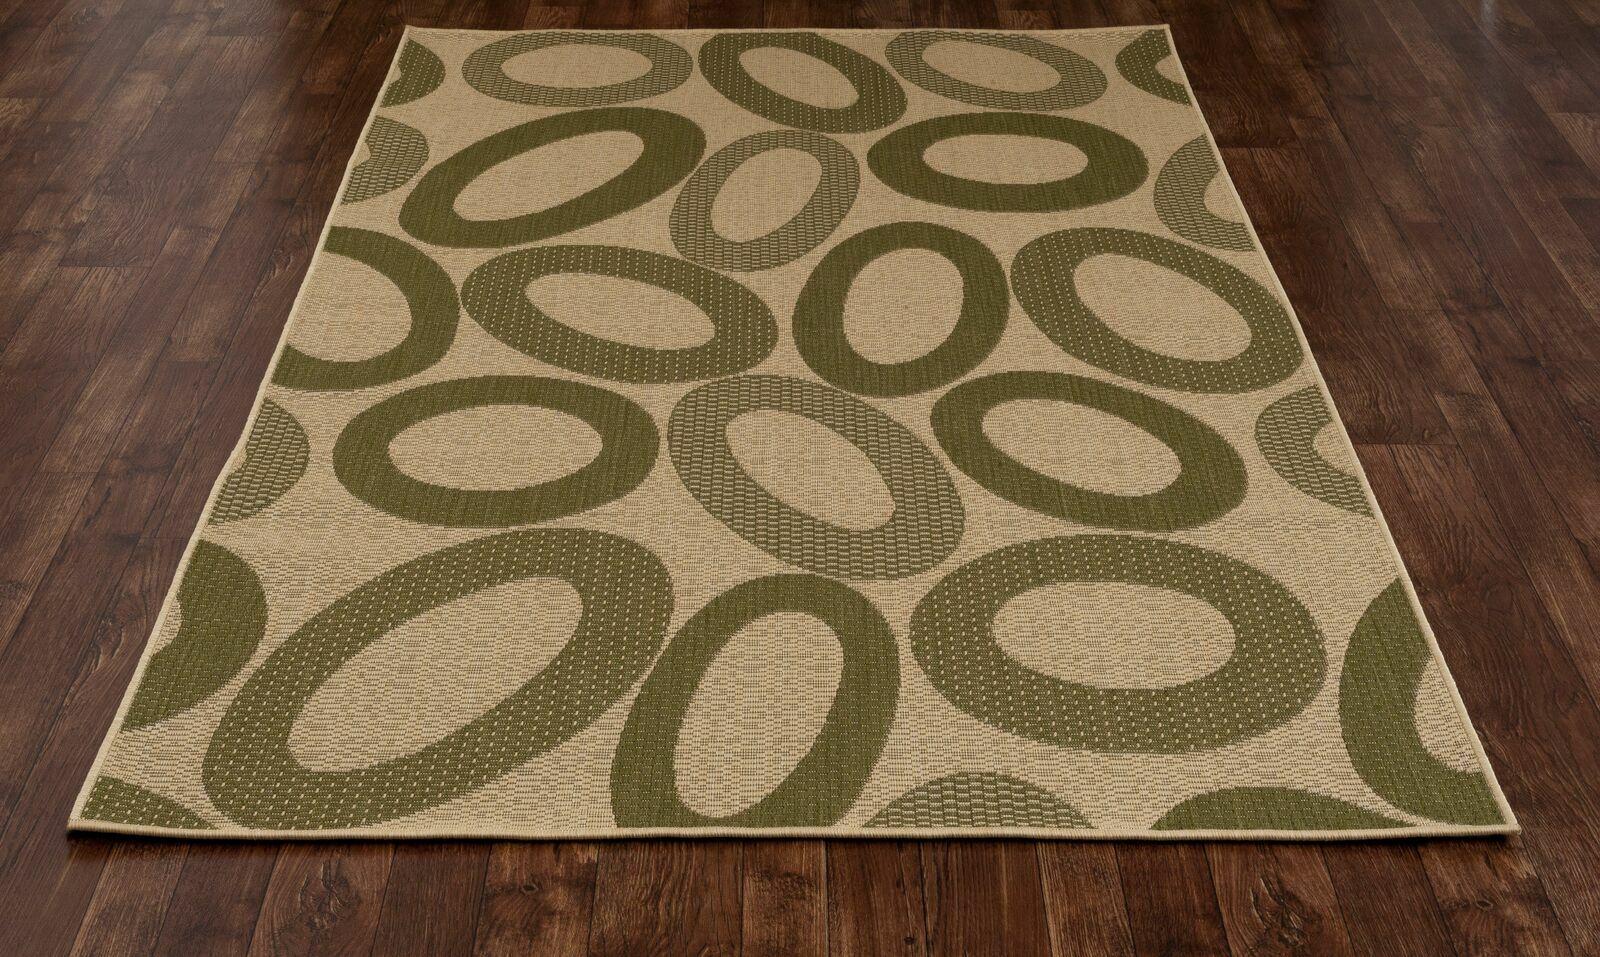 Lusk Green/Cream Indoor/Outdoor Area Rug Rug Size: 9'2 x 12'6